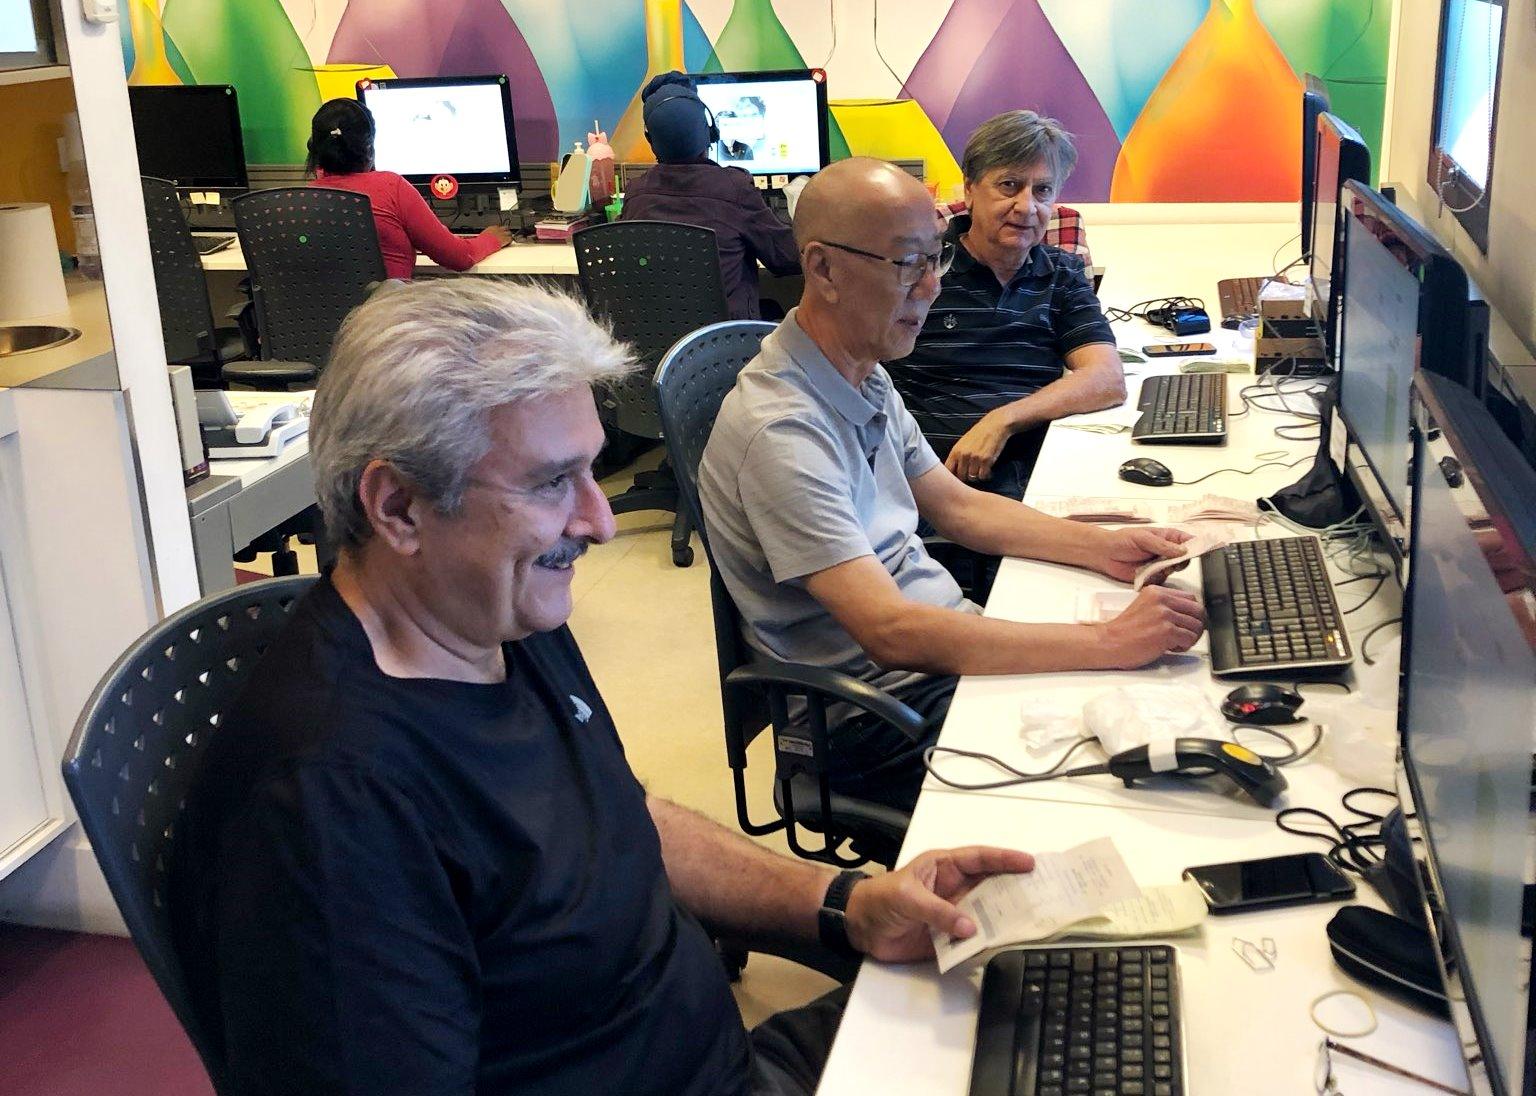 Foto de uma sala com paredes coloridas. Á direita há uma bancada banca com diversos computadores e três homens sentados de perfil, em frente à bancada e outras duas pessoas ao fundo, sentados de costas para quem visualiza a foto. Sobre as mãos dos homens estão cupons fiscais para digitação.